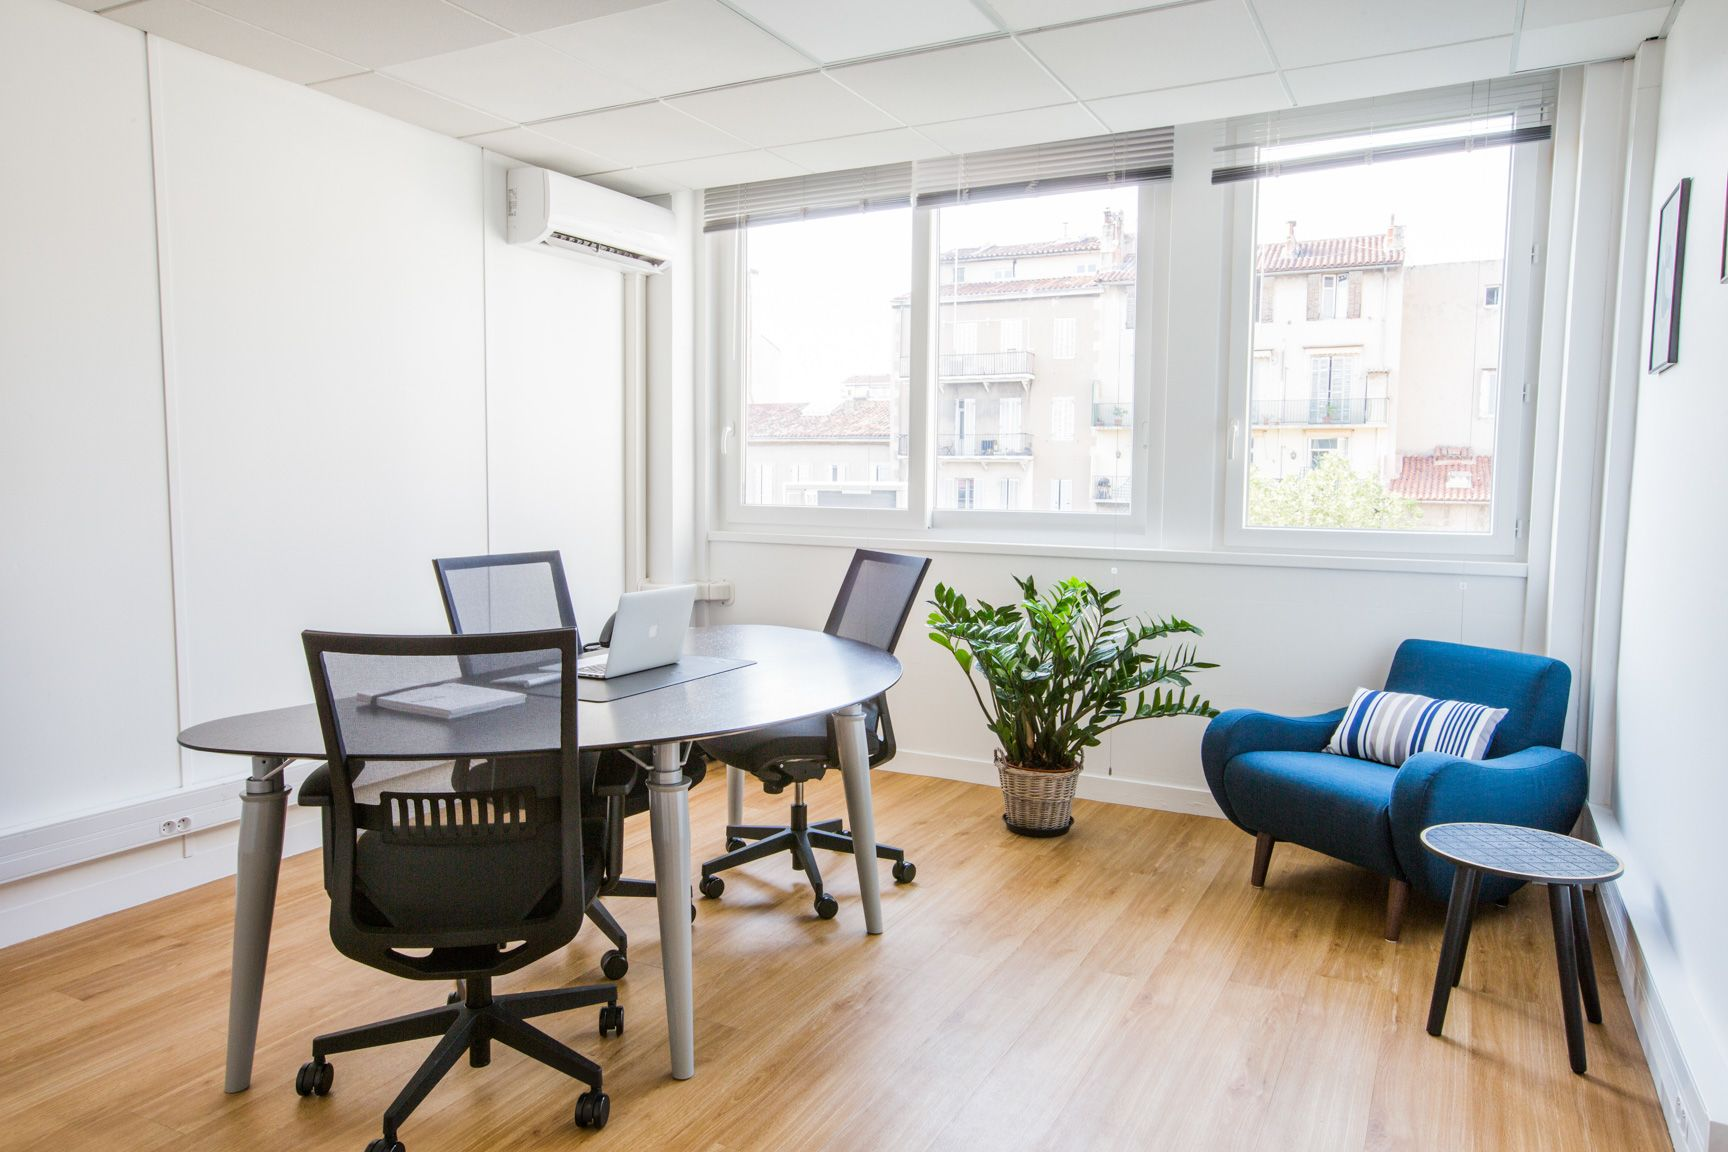 bureau privatif de 6 personnes à Marseille